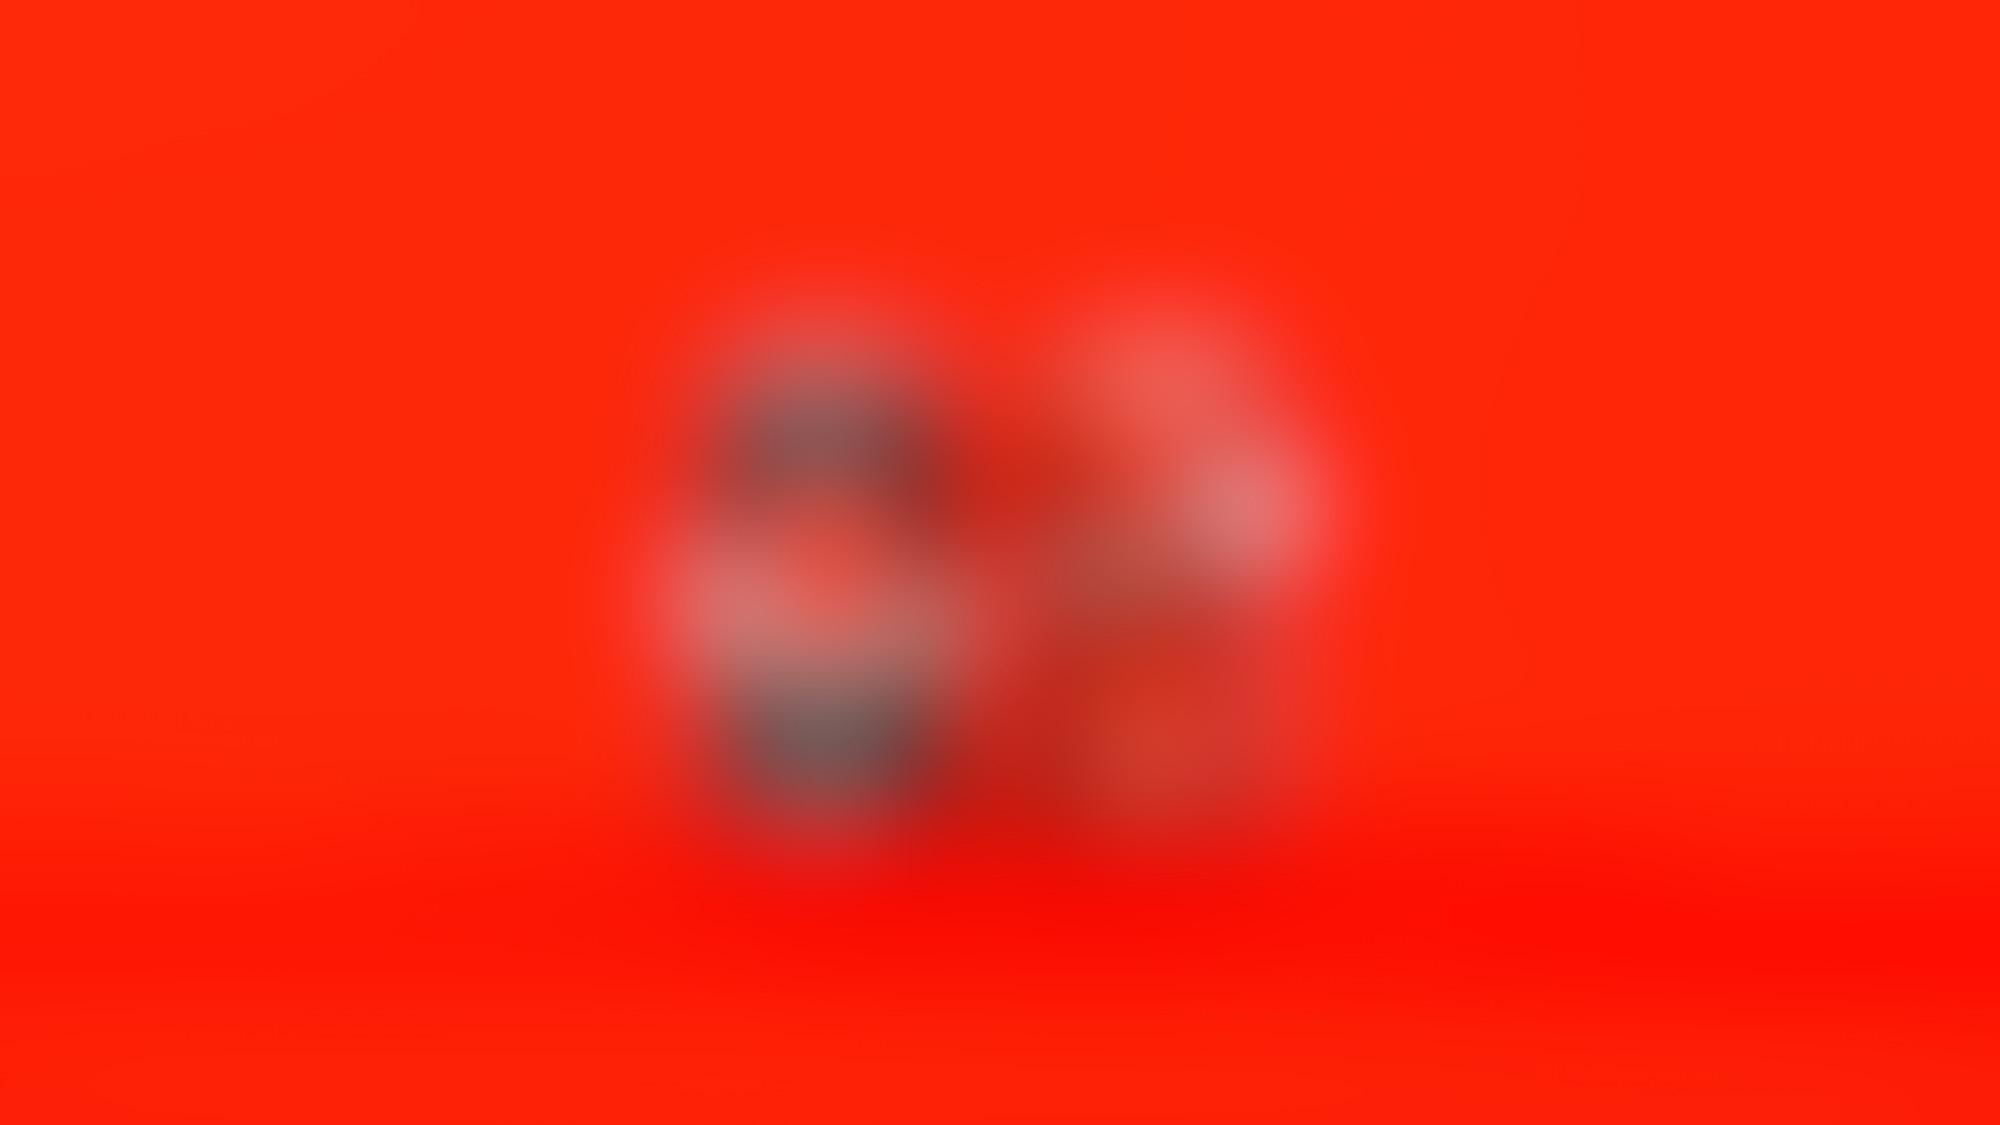 KOTO emoji 00007 autocompressfitresizeixlibphp 1 1 0max h2000max w3 D2000q80s2dd069749f670ae67e69696e6fc767f4